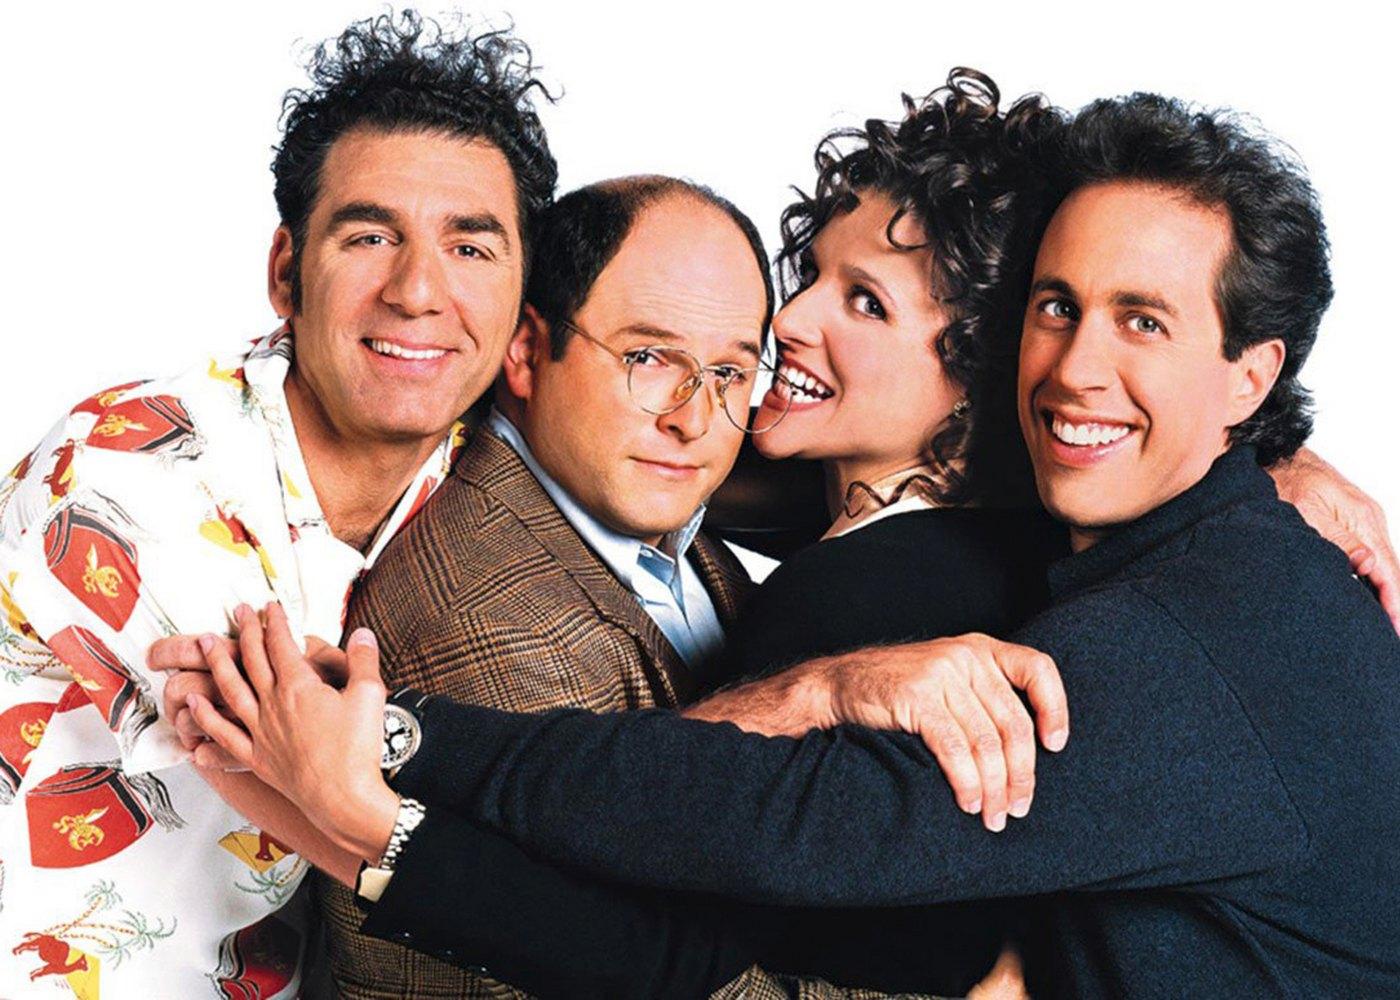 Série de televisão Seinfeld